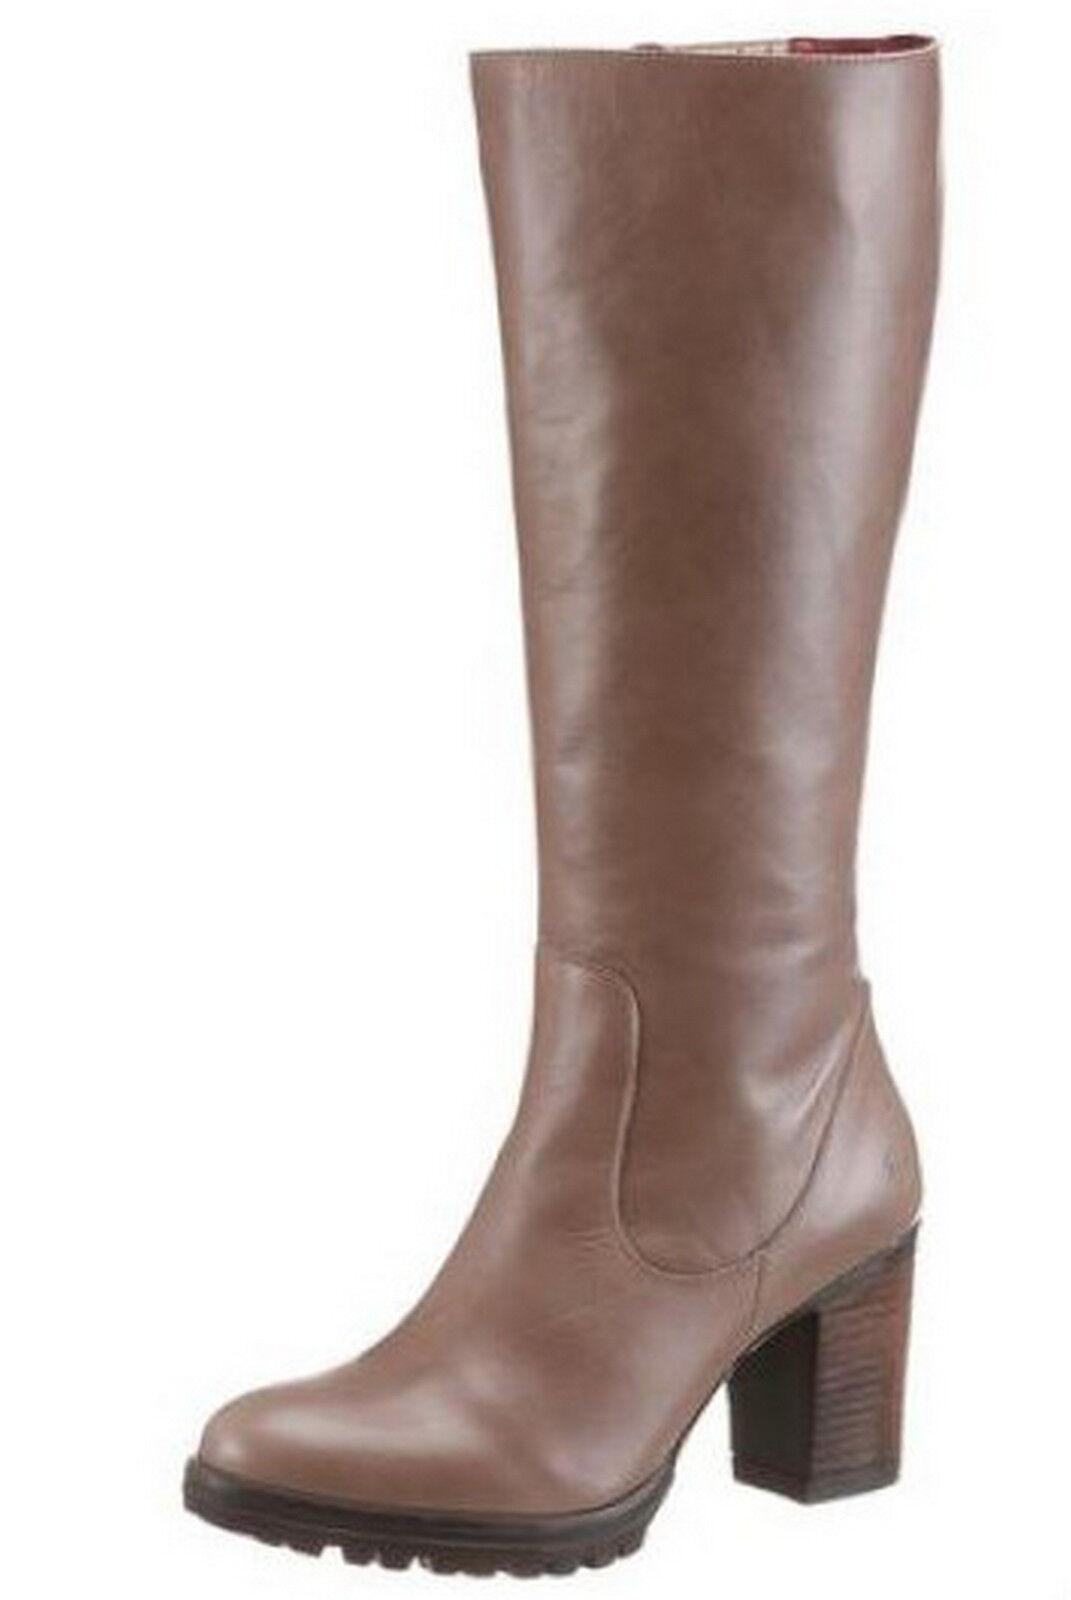 JJ Footwear botas 36 40 41, cuero genuino de vario marrón Taupe señora botas nuevo